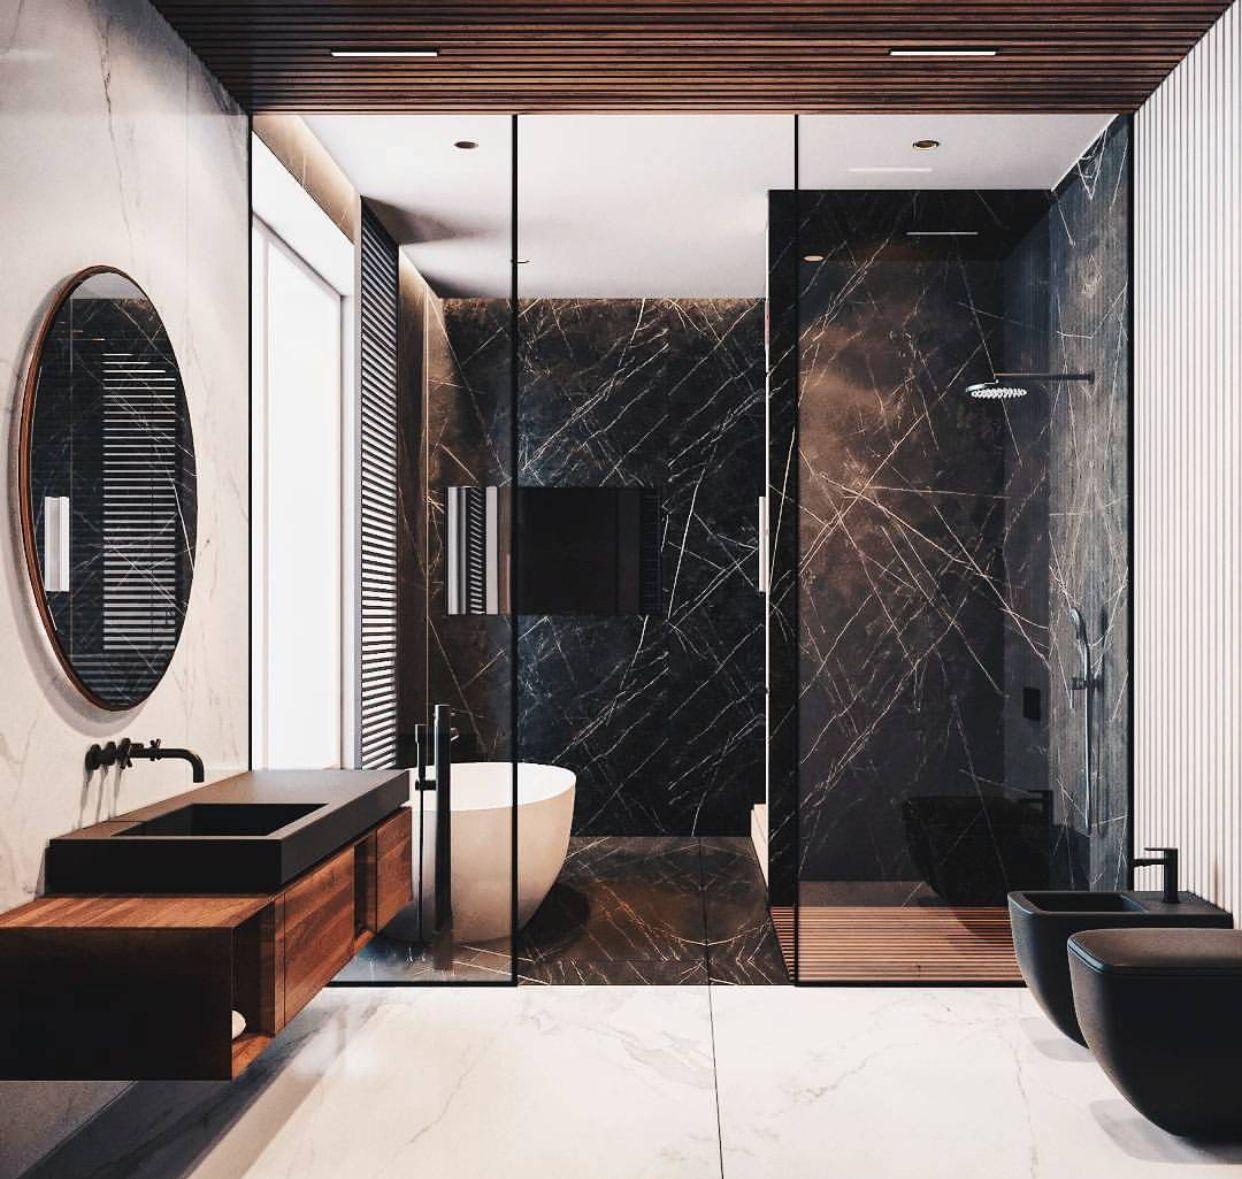 Großformatige Fliesen, Luxus Badezimmer, Moderne Bäder, Hausbau, Schöner  Wohnen, Italien, Einrichtung, Architektur, Deko